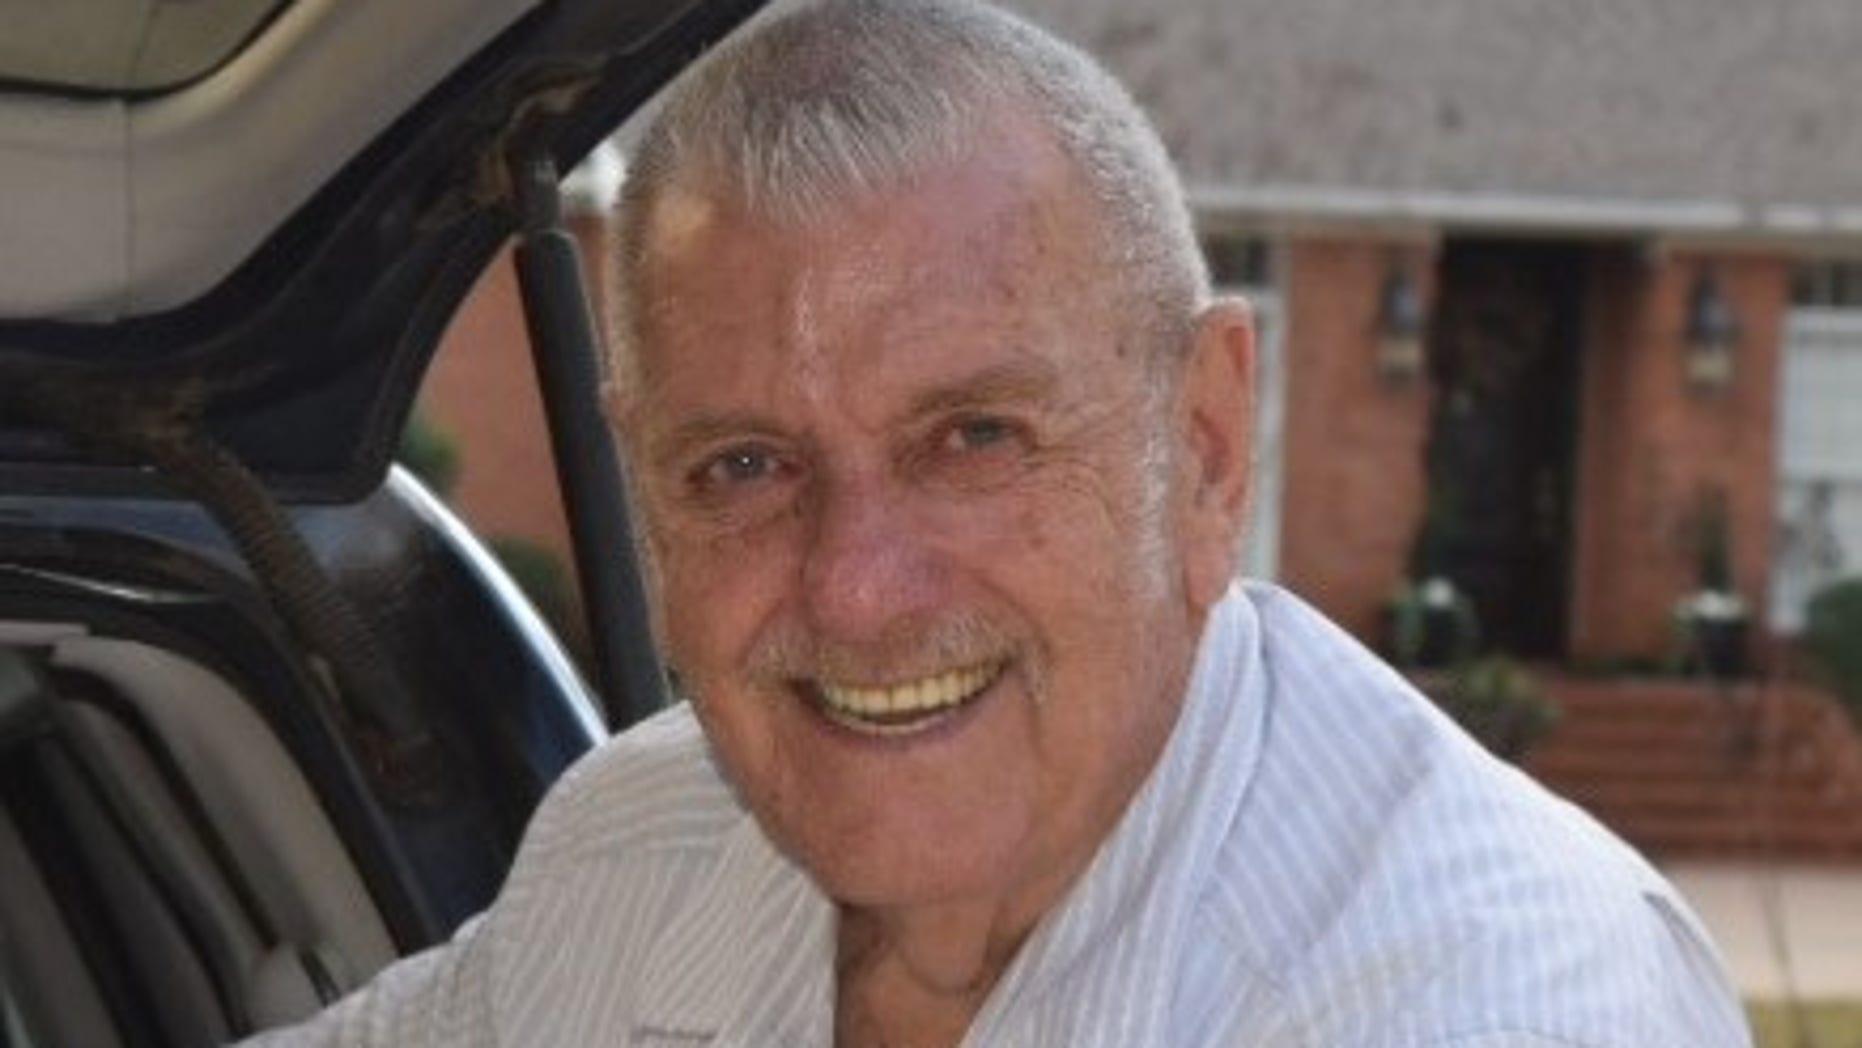 Earl Cosby